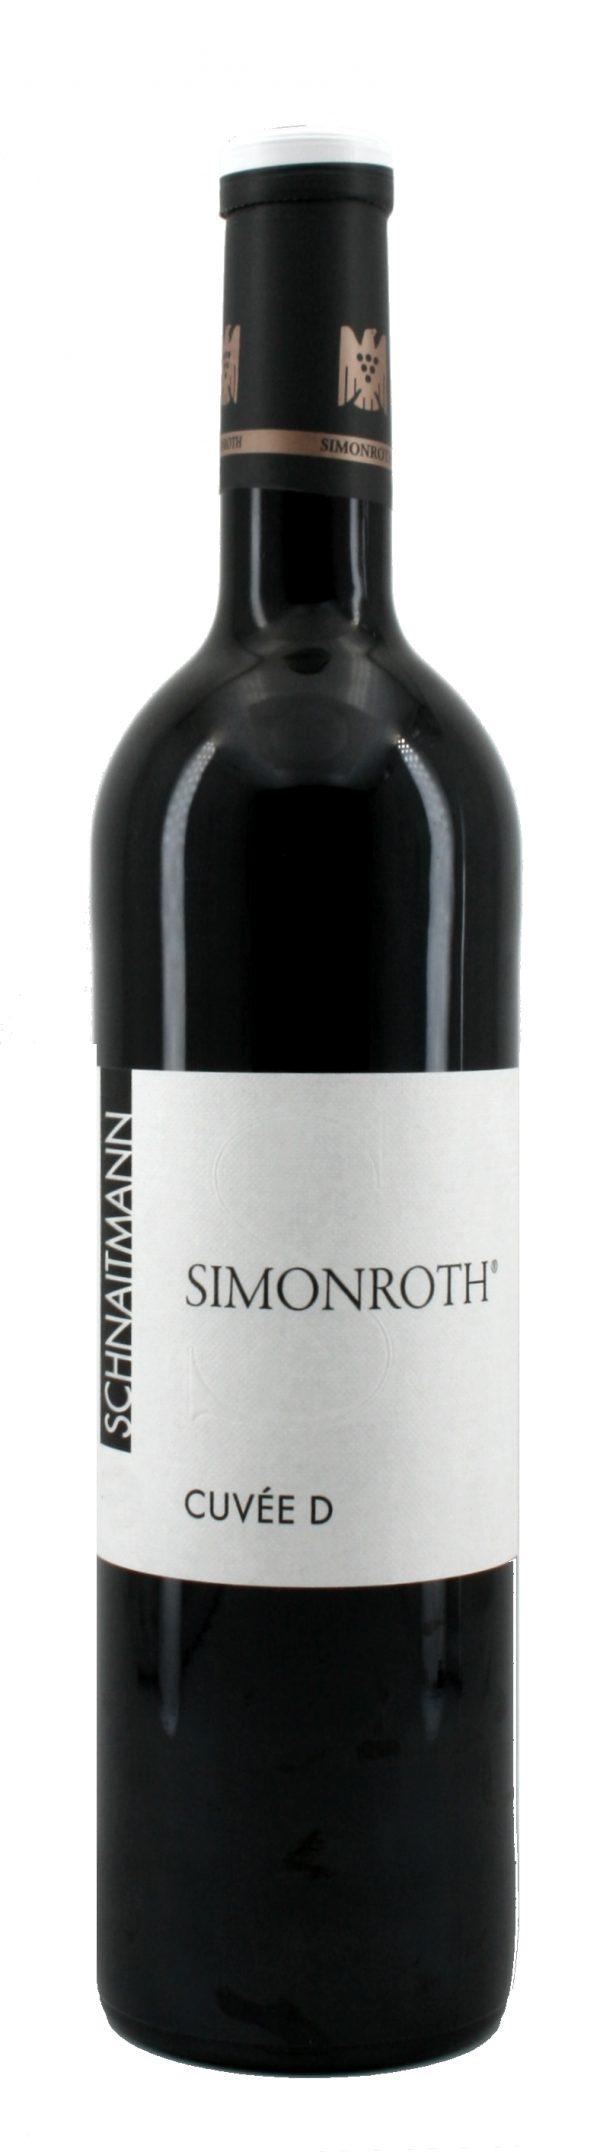 Simonroth Cuvée D Qualitätswein trocken 2016